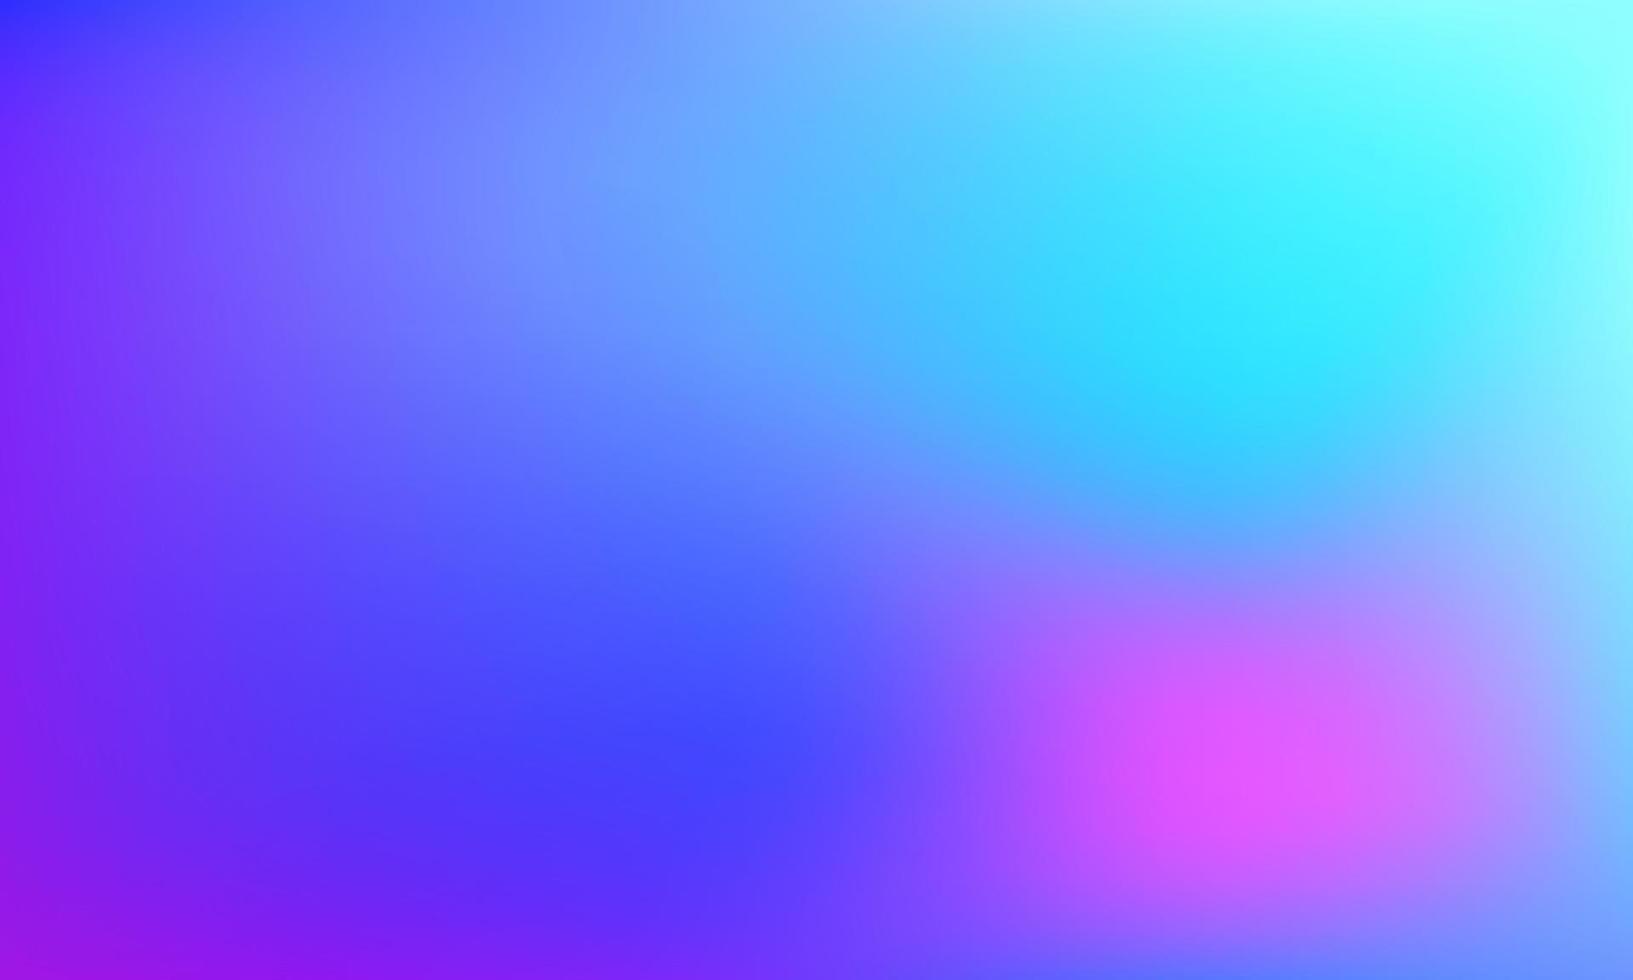 abstracte gemengde pastelkleuren achtergrond vector